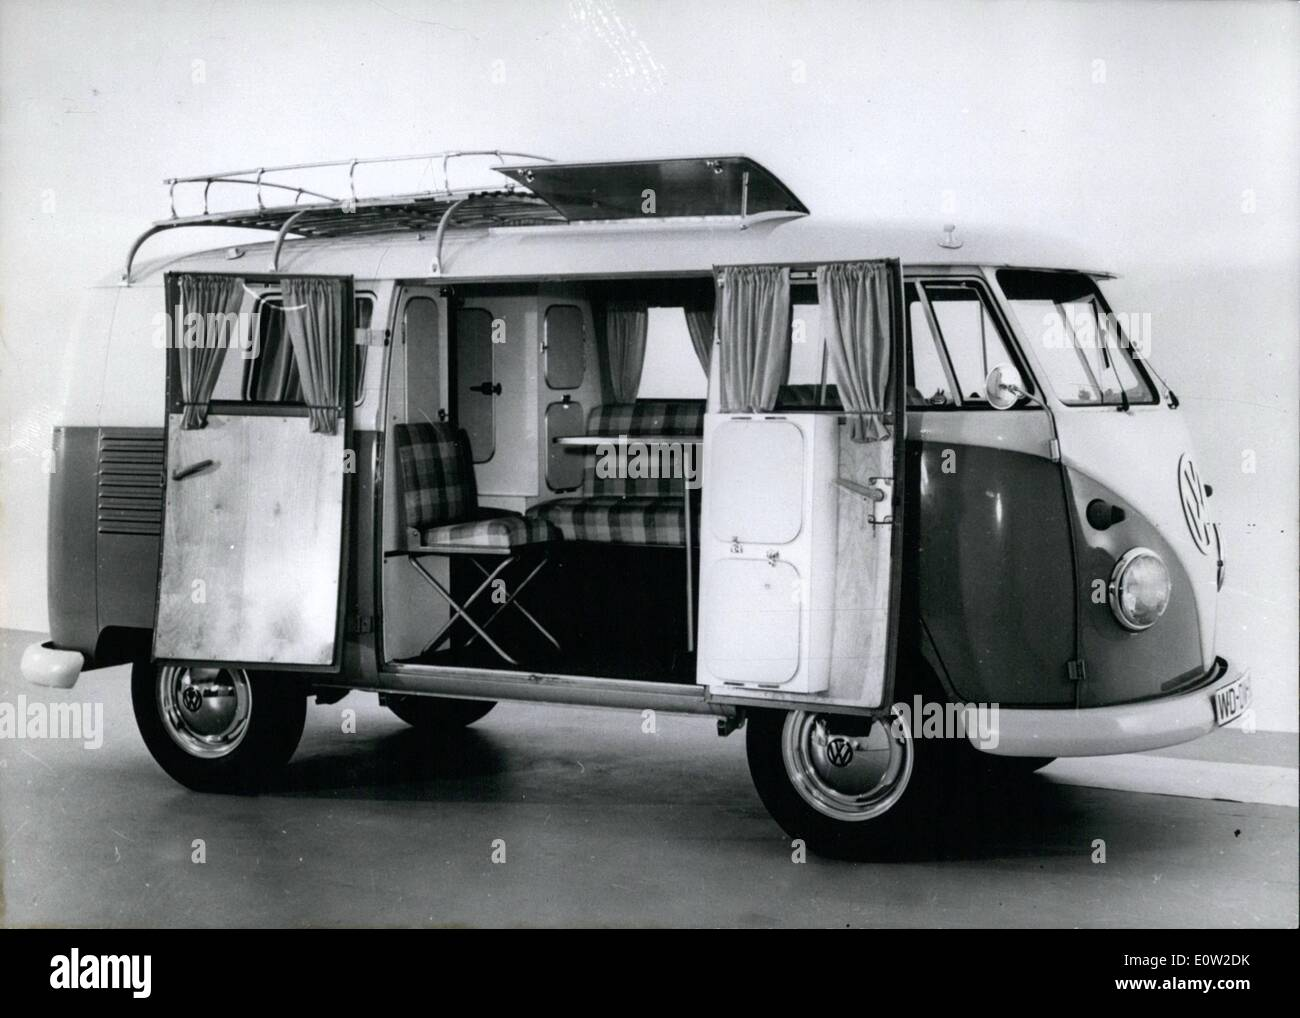 2 Februar 1961 Neu Wohnmobil Volkswagen Am 1 Marz 1961 Das